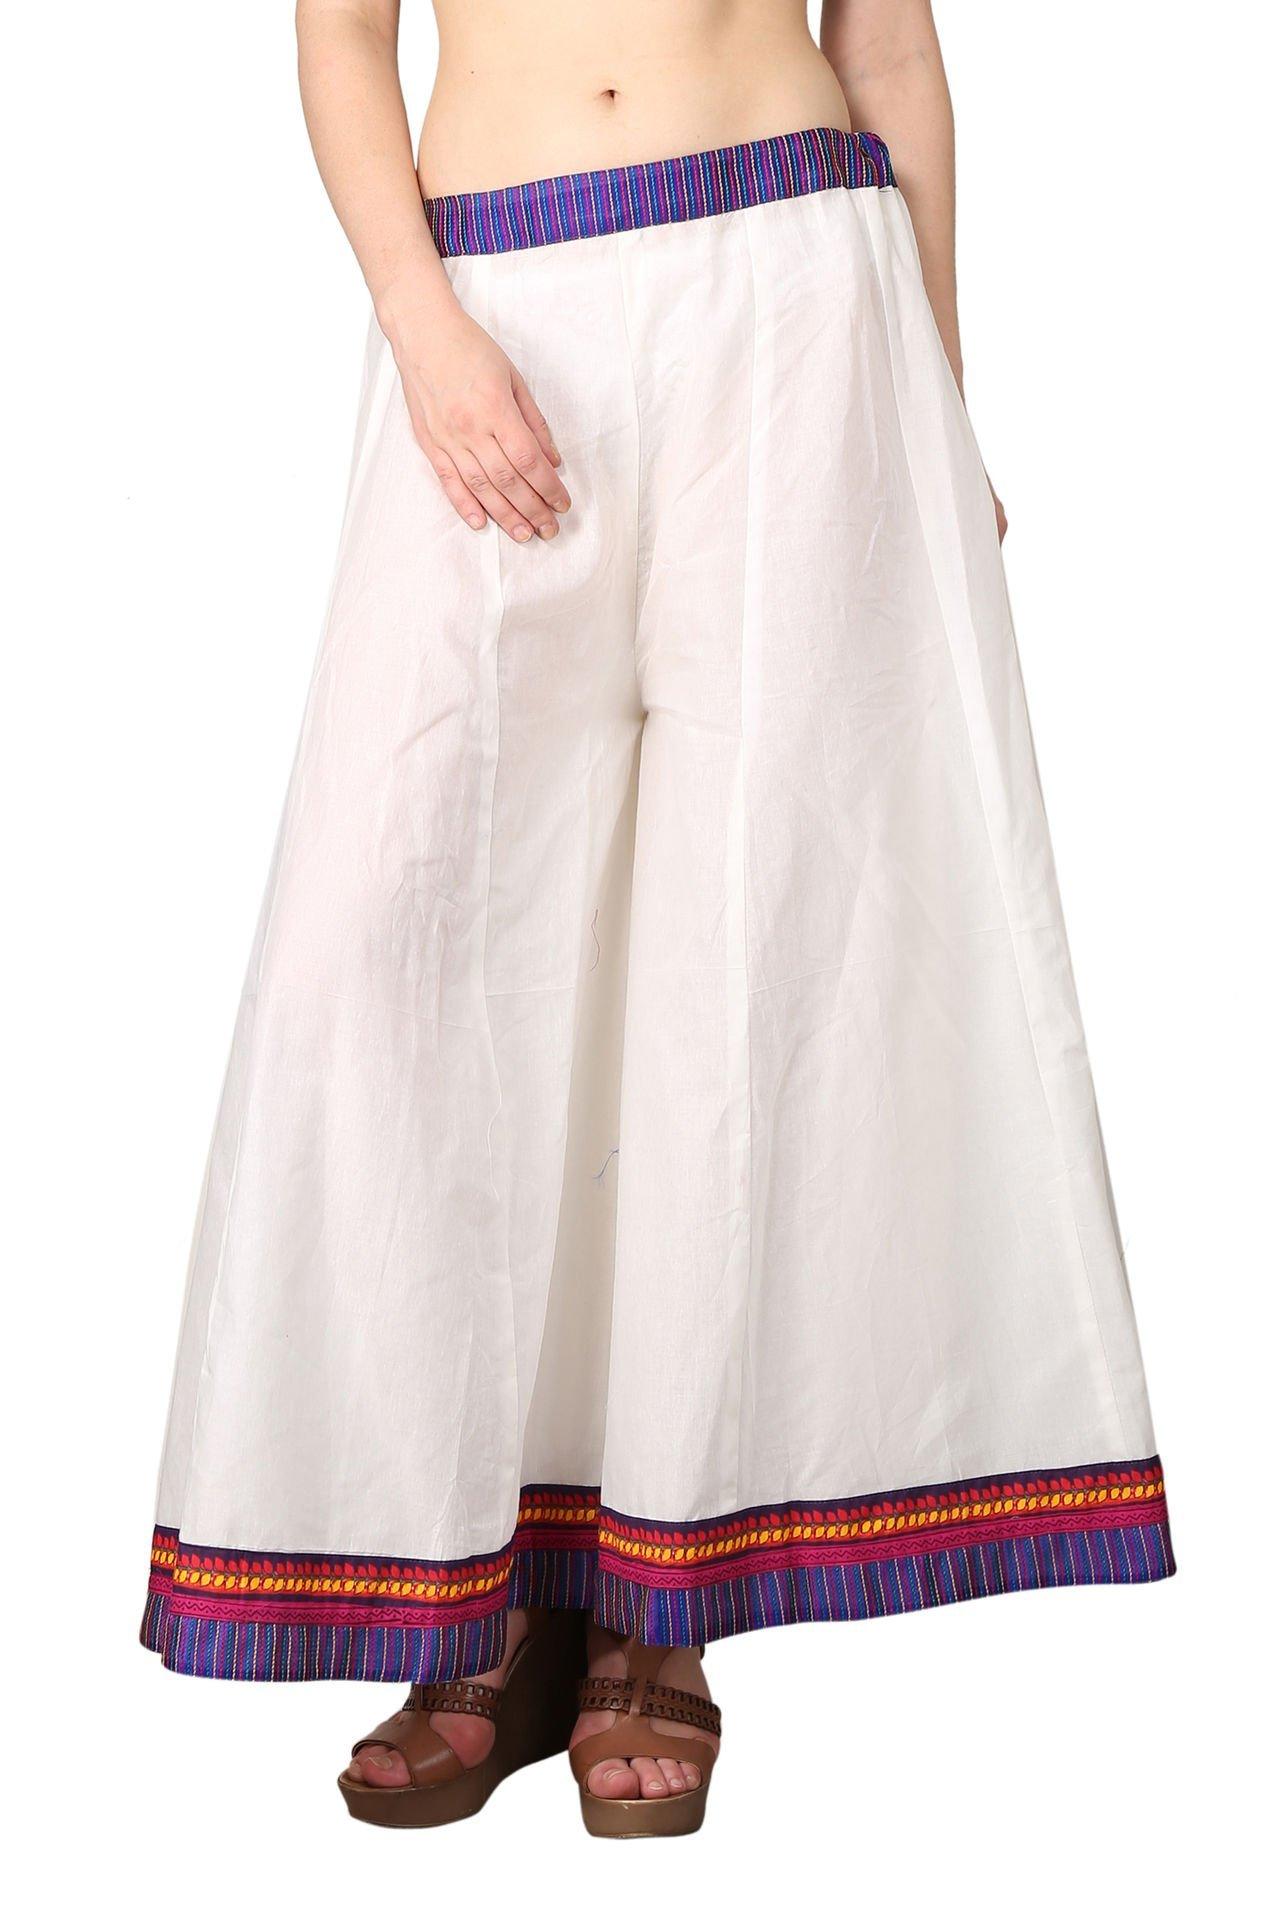 Shararat Women's Flared Palazzo Pants Free Size White